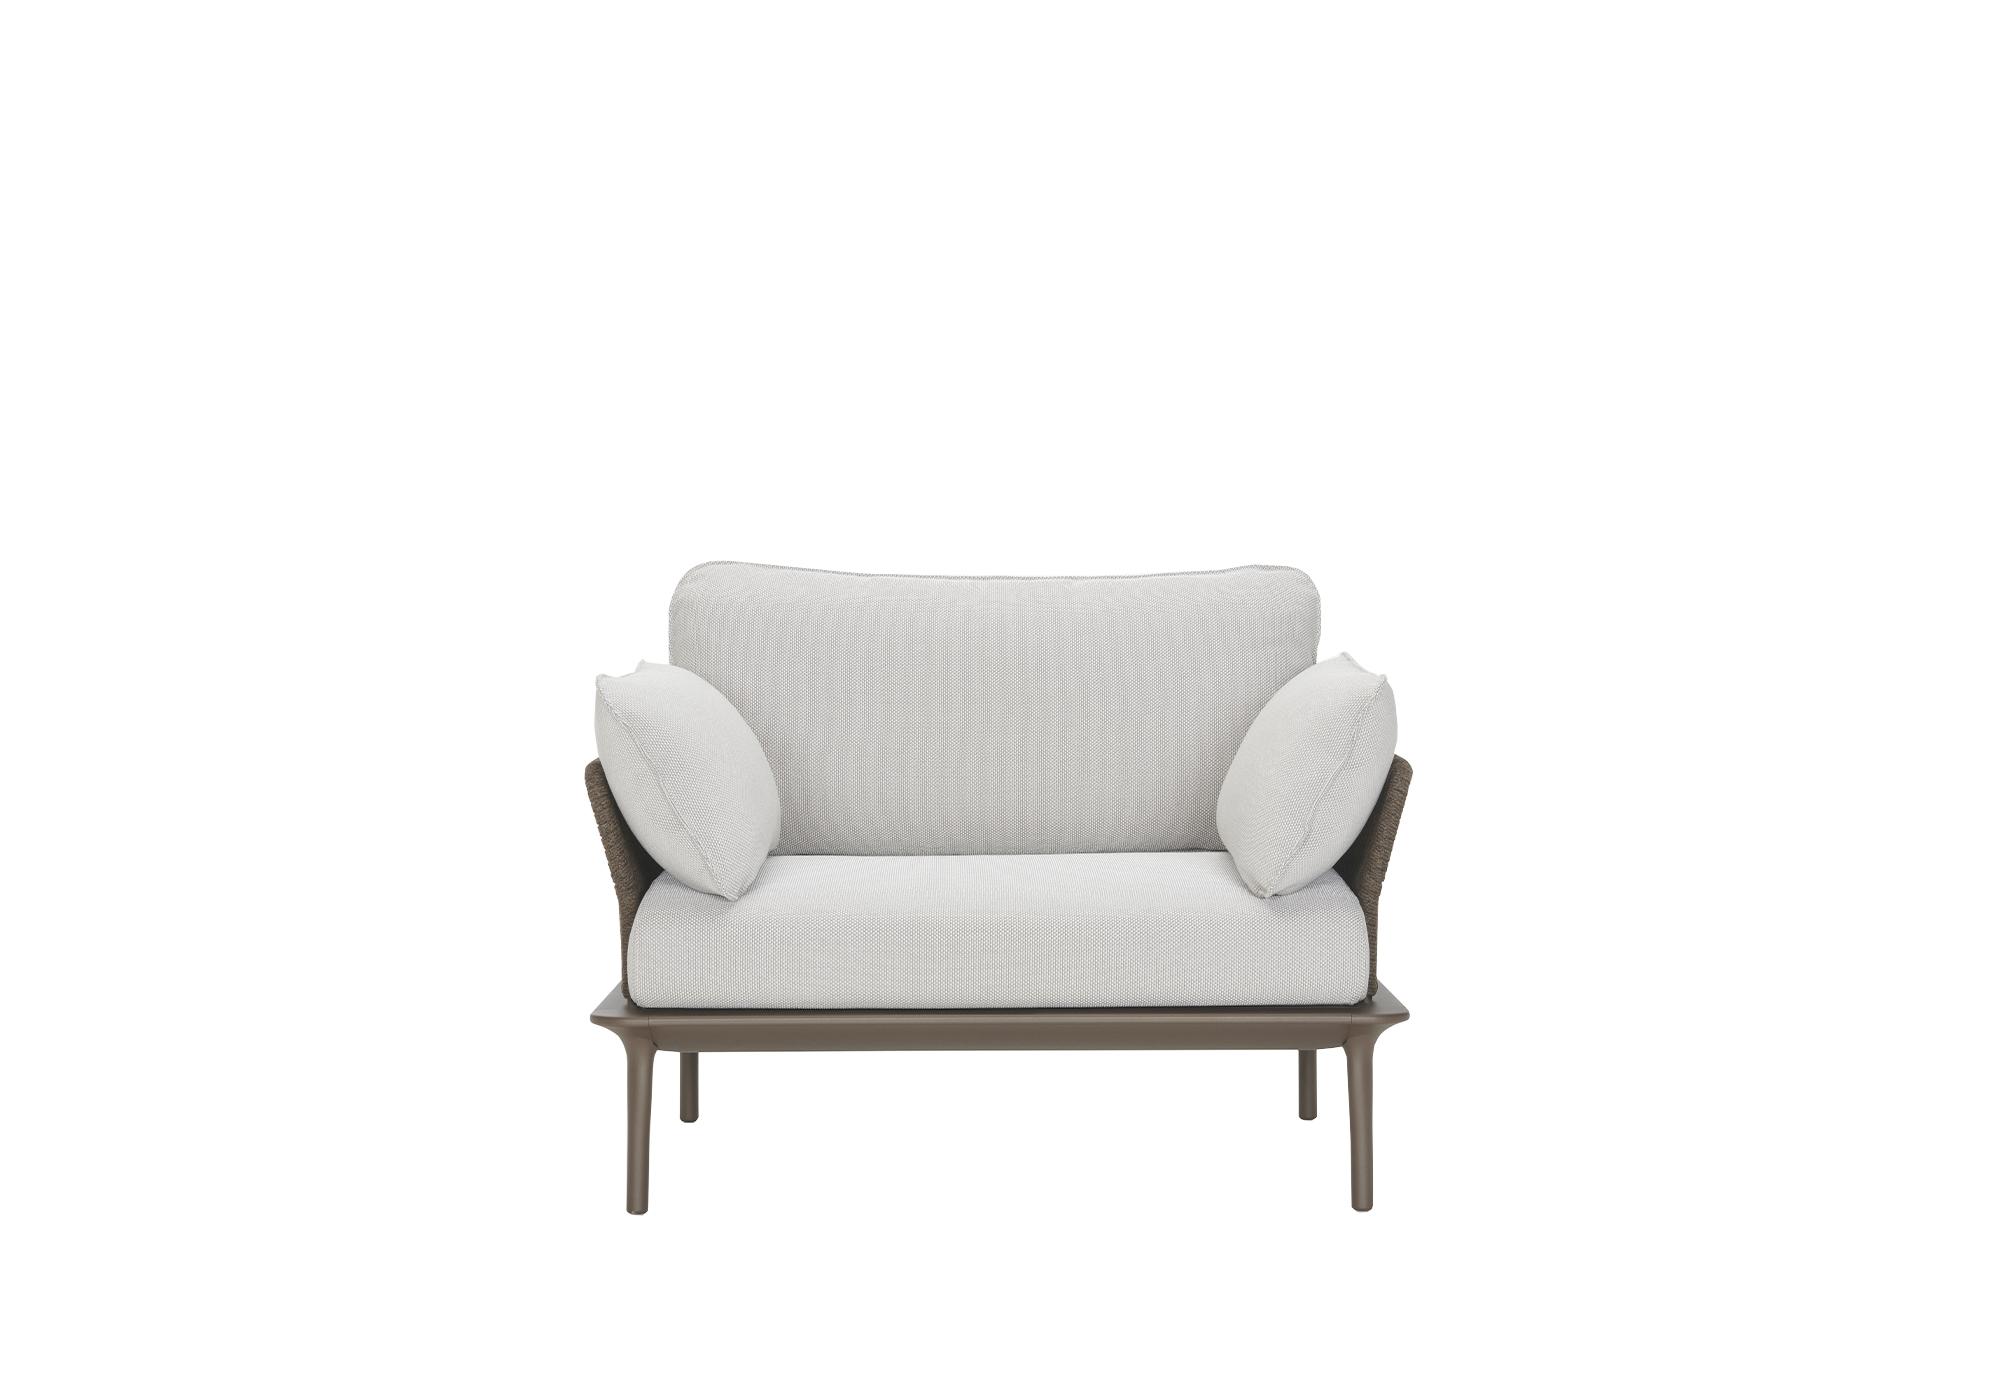 Pedrali Reva Twist Lounge Outdoor Armchair